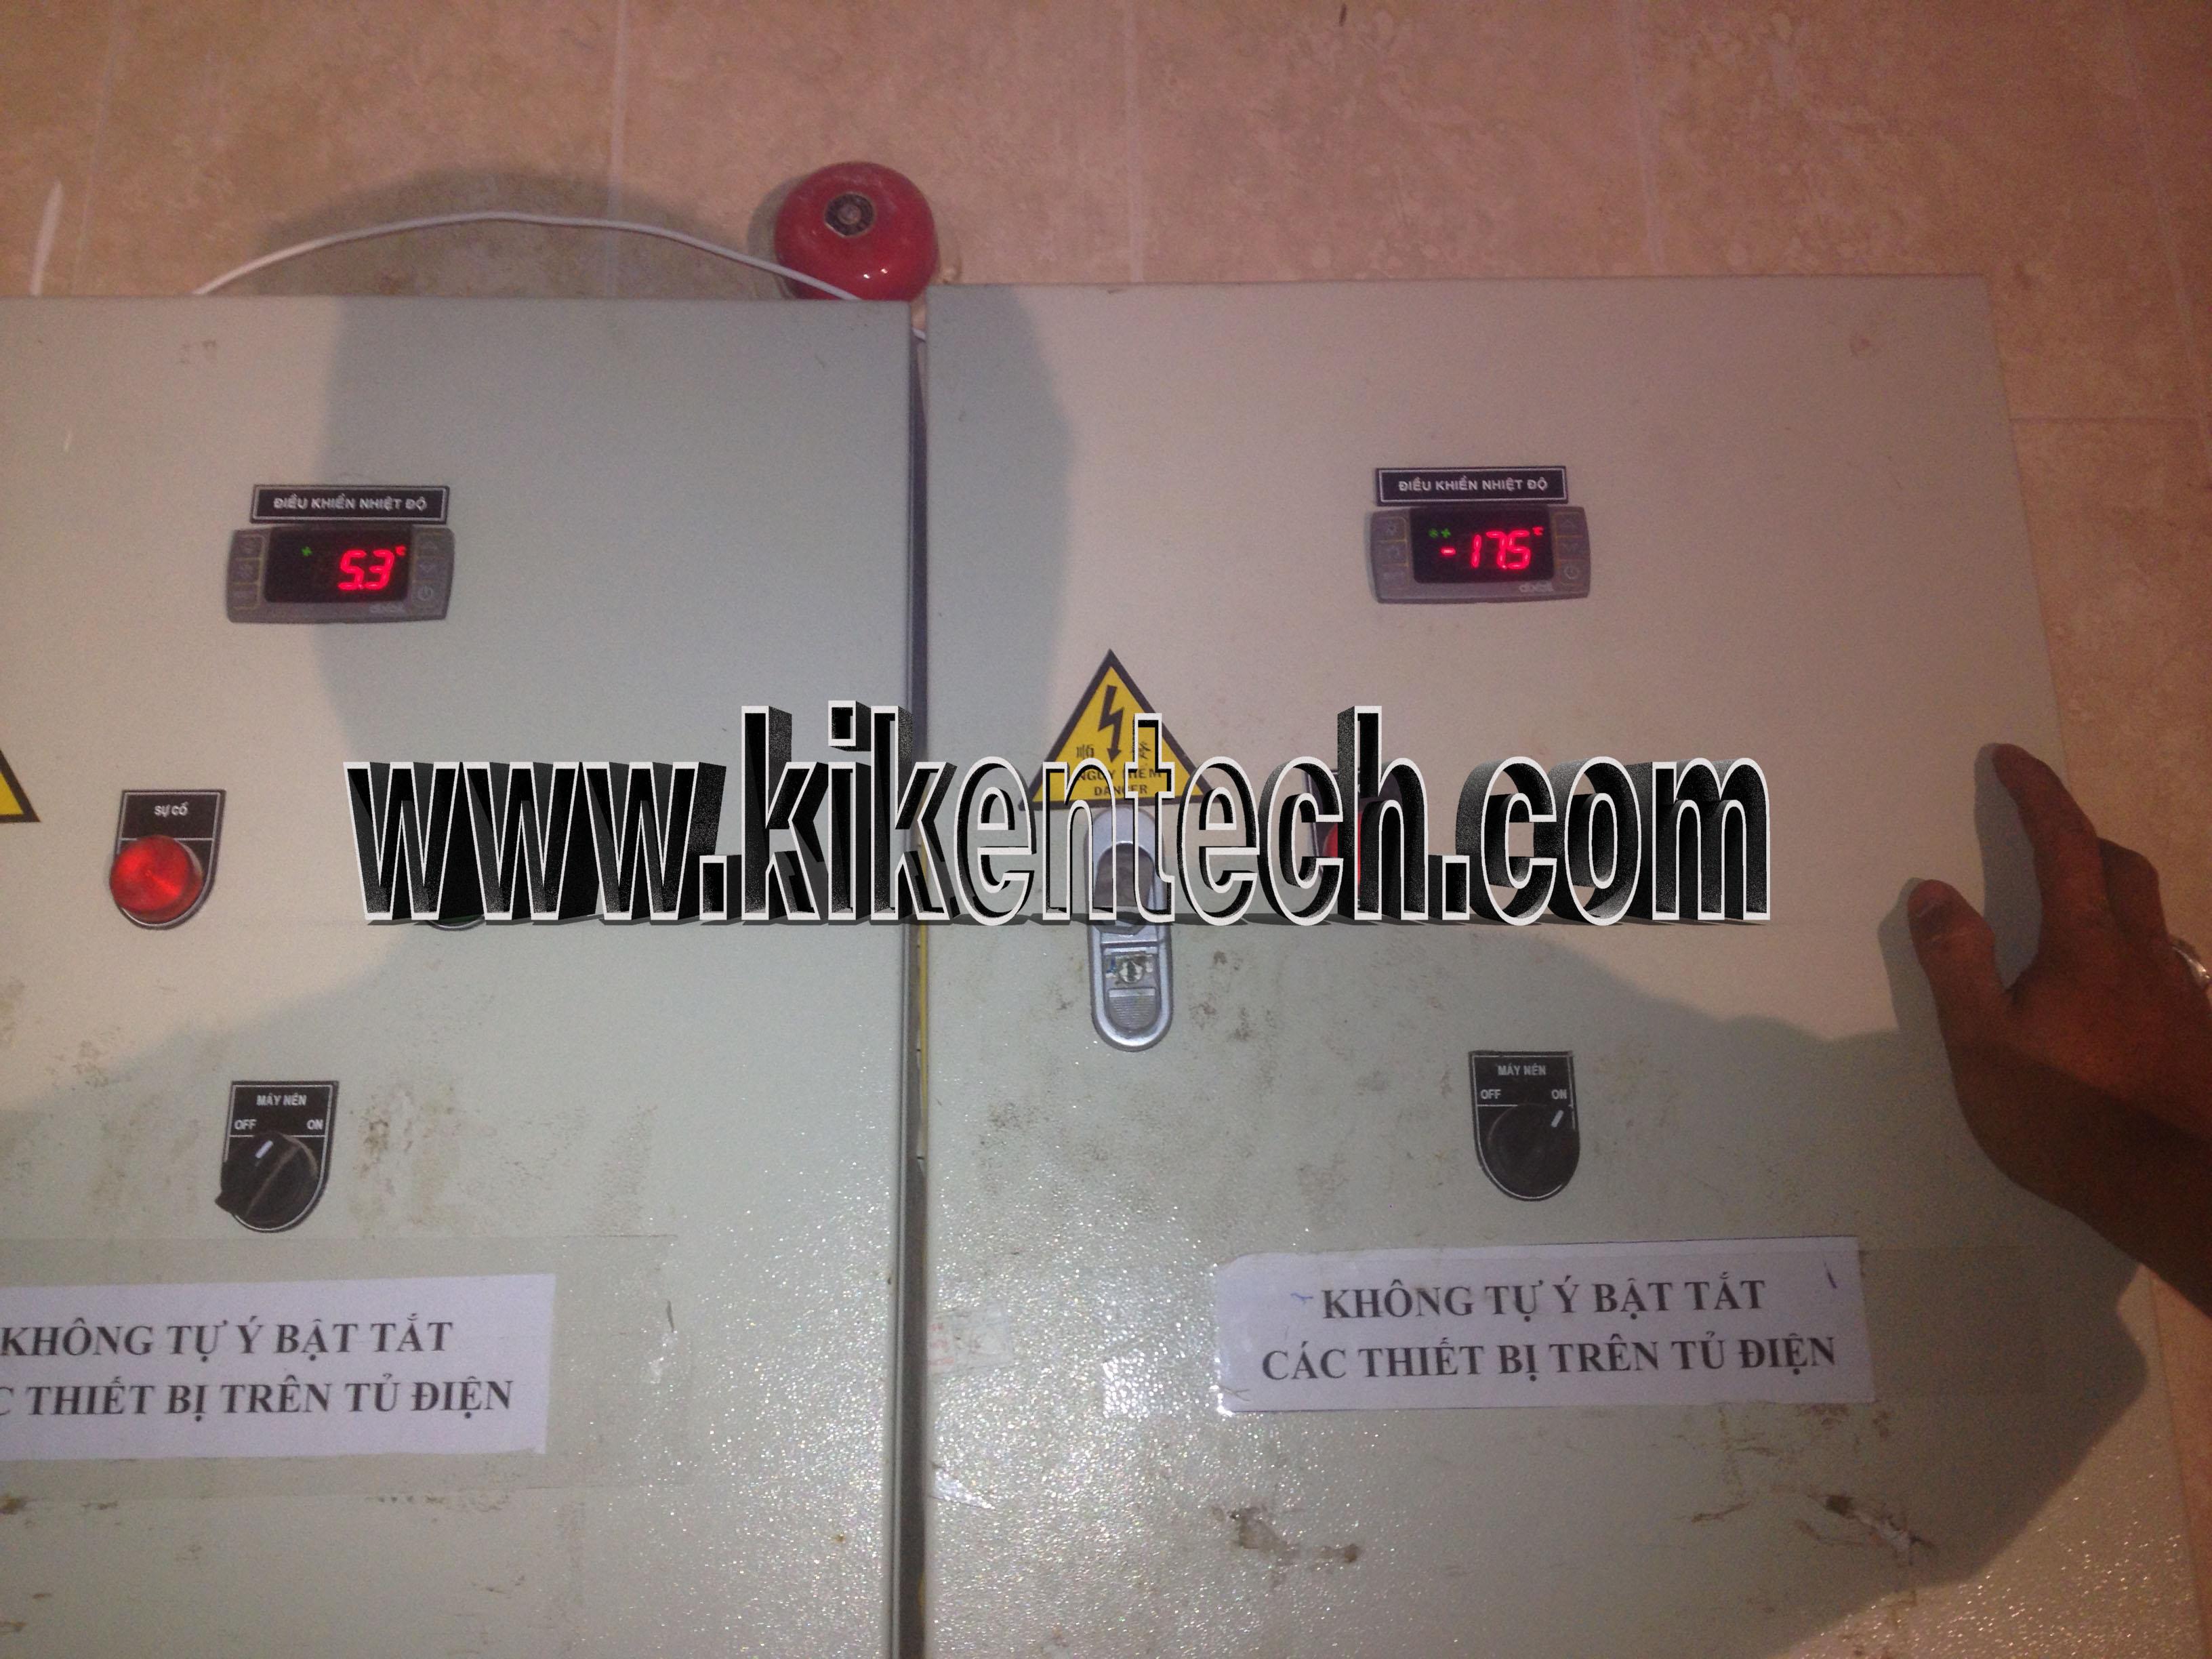 Bảo dưỡng di chuyển kho lạnh tại khu Resort Vân Long Ninh Bình. Kikentech là đơn vị chuyên lắp đặt kho lạnh bảo quản, lắp kho lạnh cấp đông, làm phòng mát.